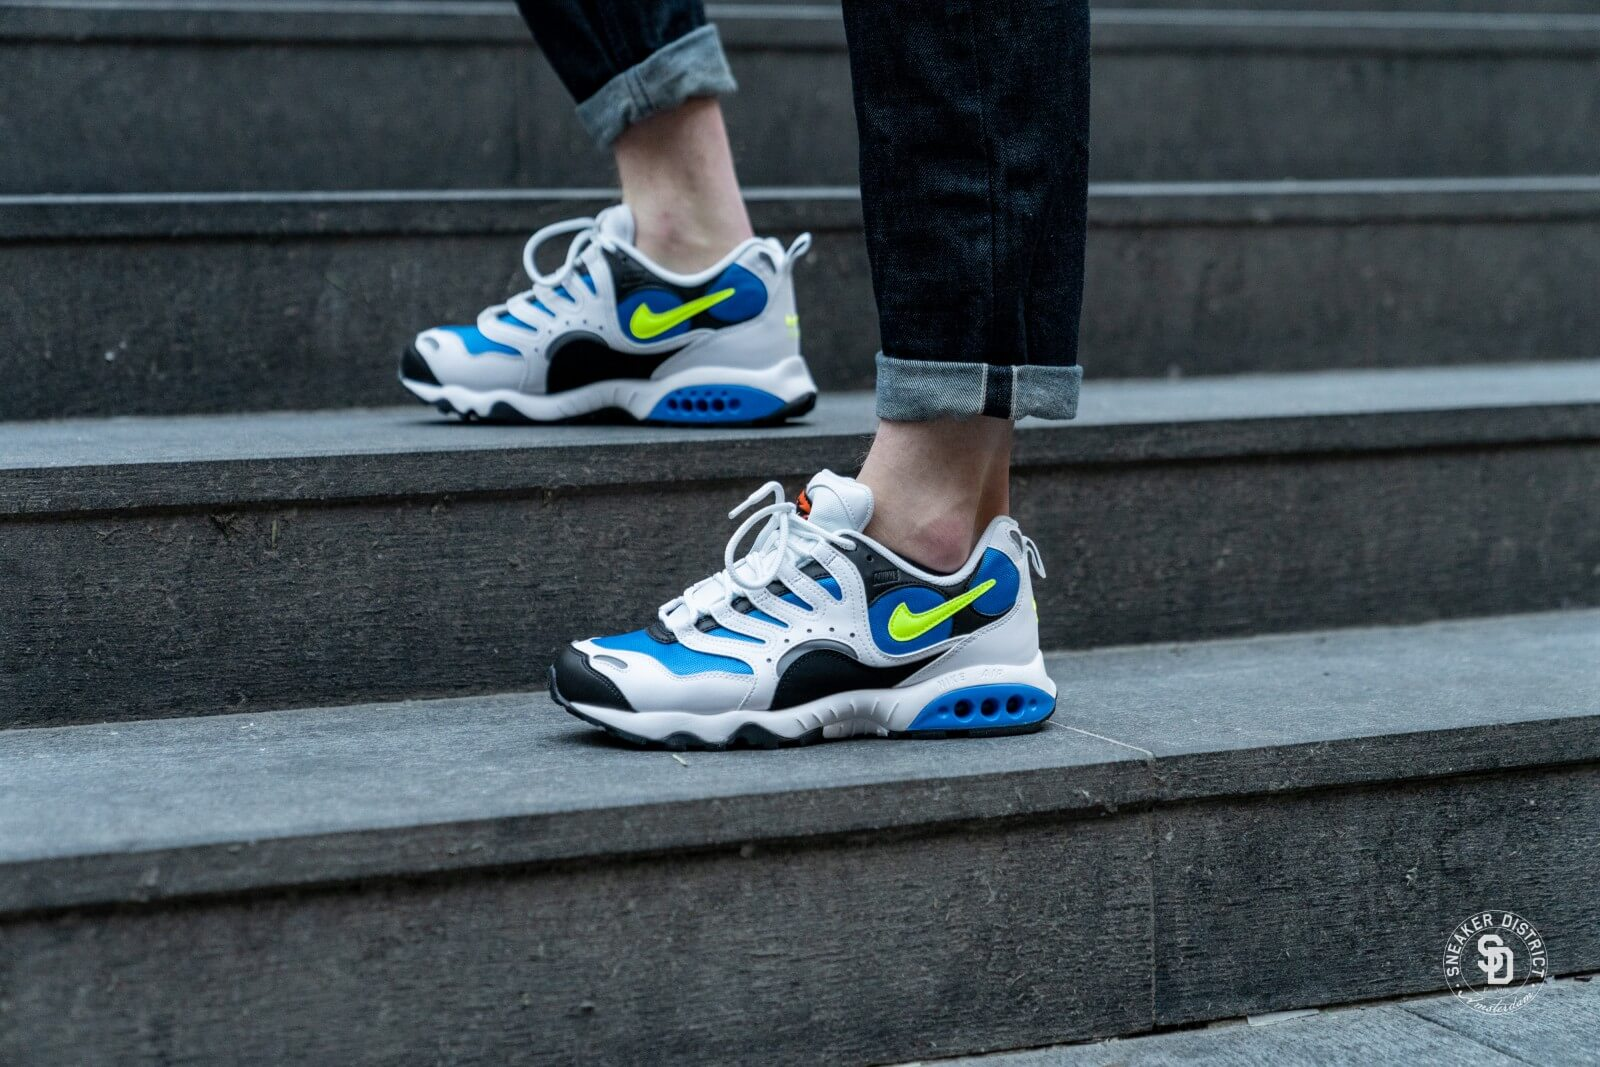 Nike Air Terra Humara '18 White/Volt